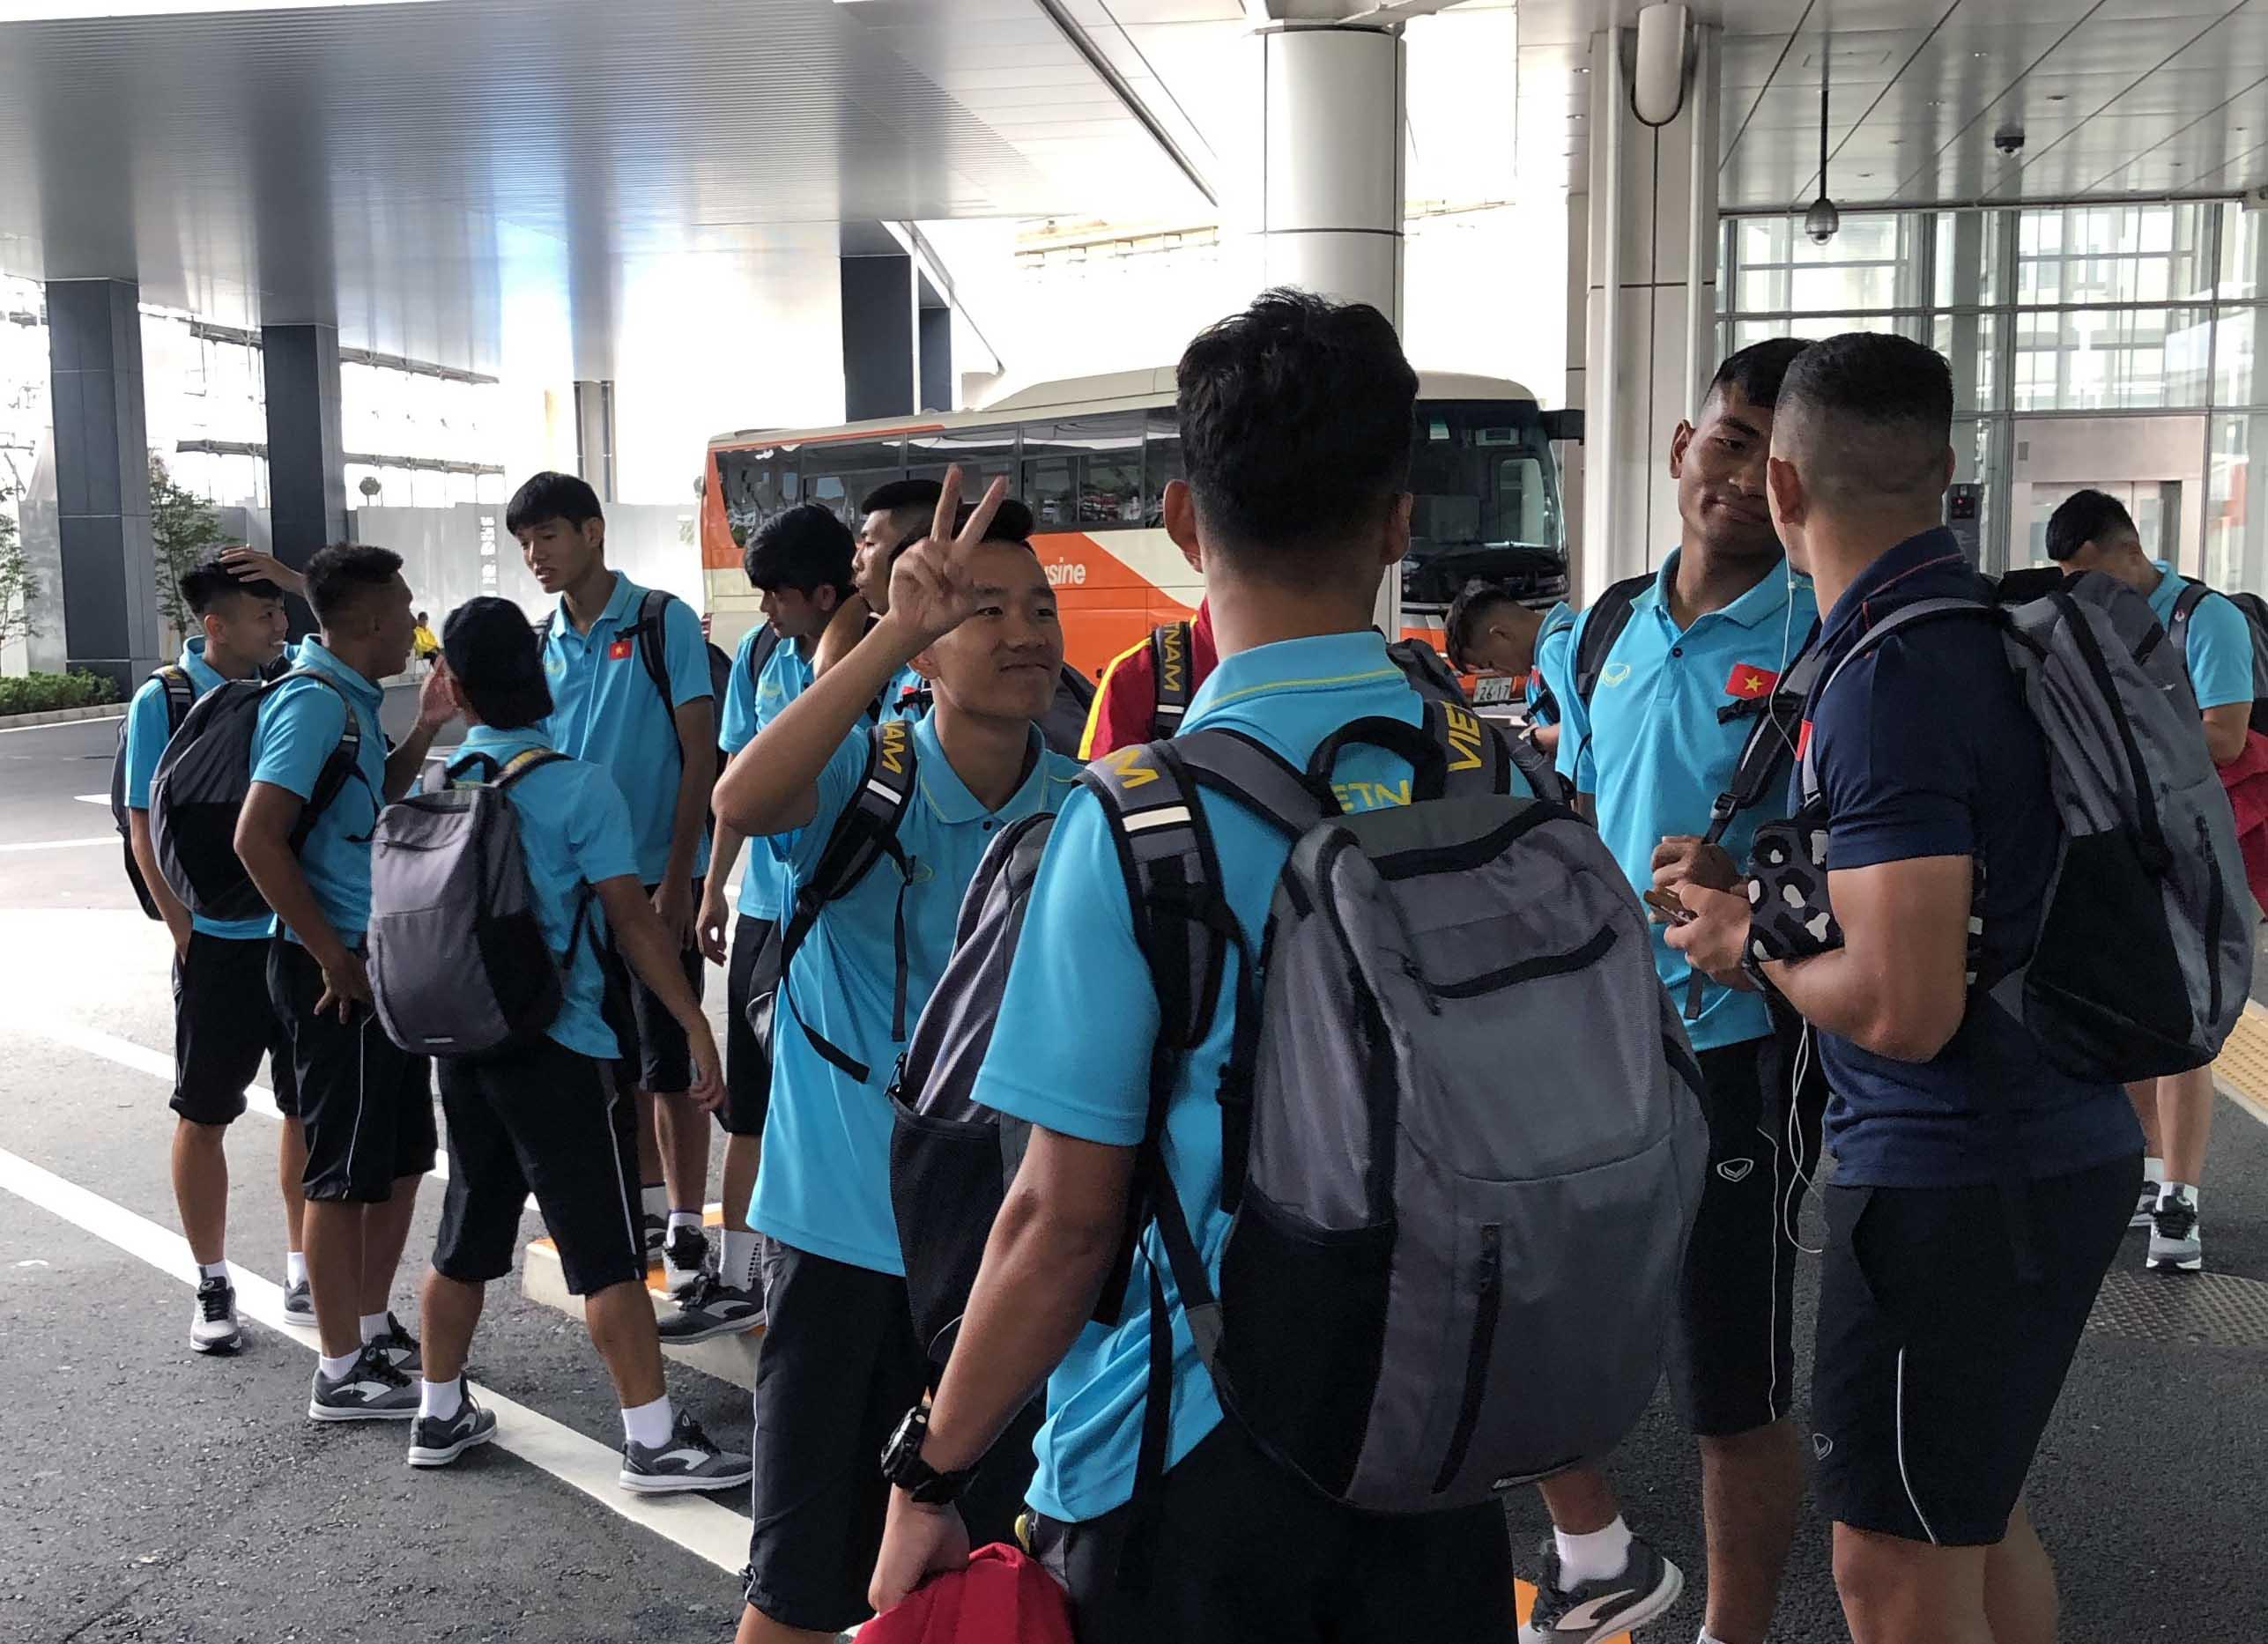 ĐT U18 Việt Nam đã đặt chân tới Gotemba, sẵn sàng cho guồng quay mới